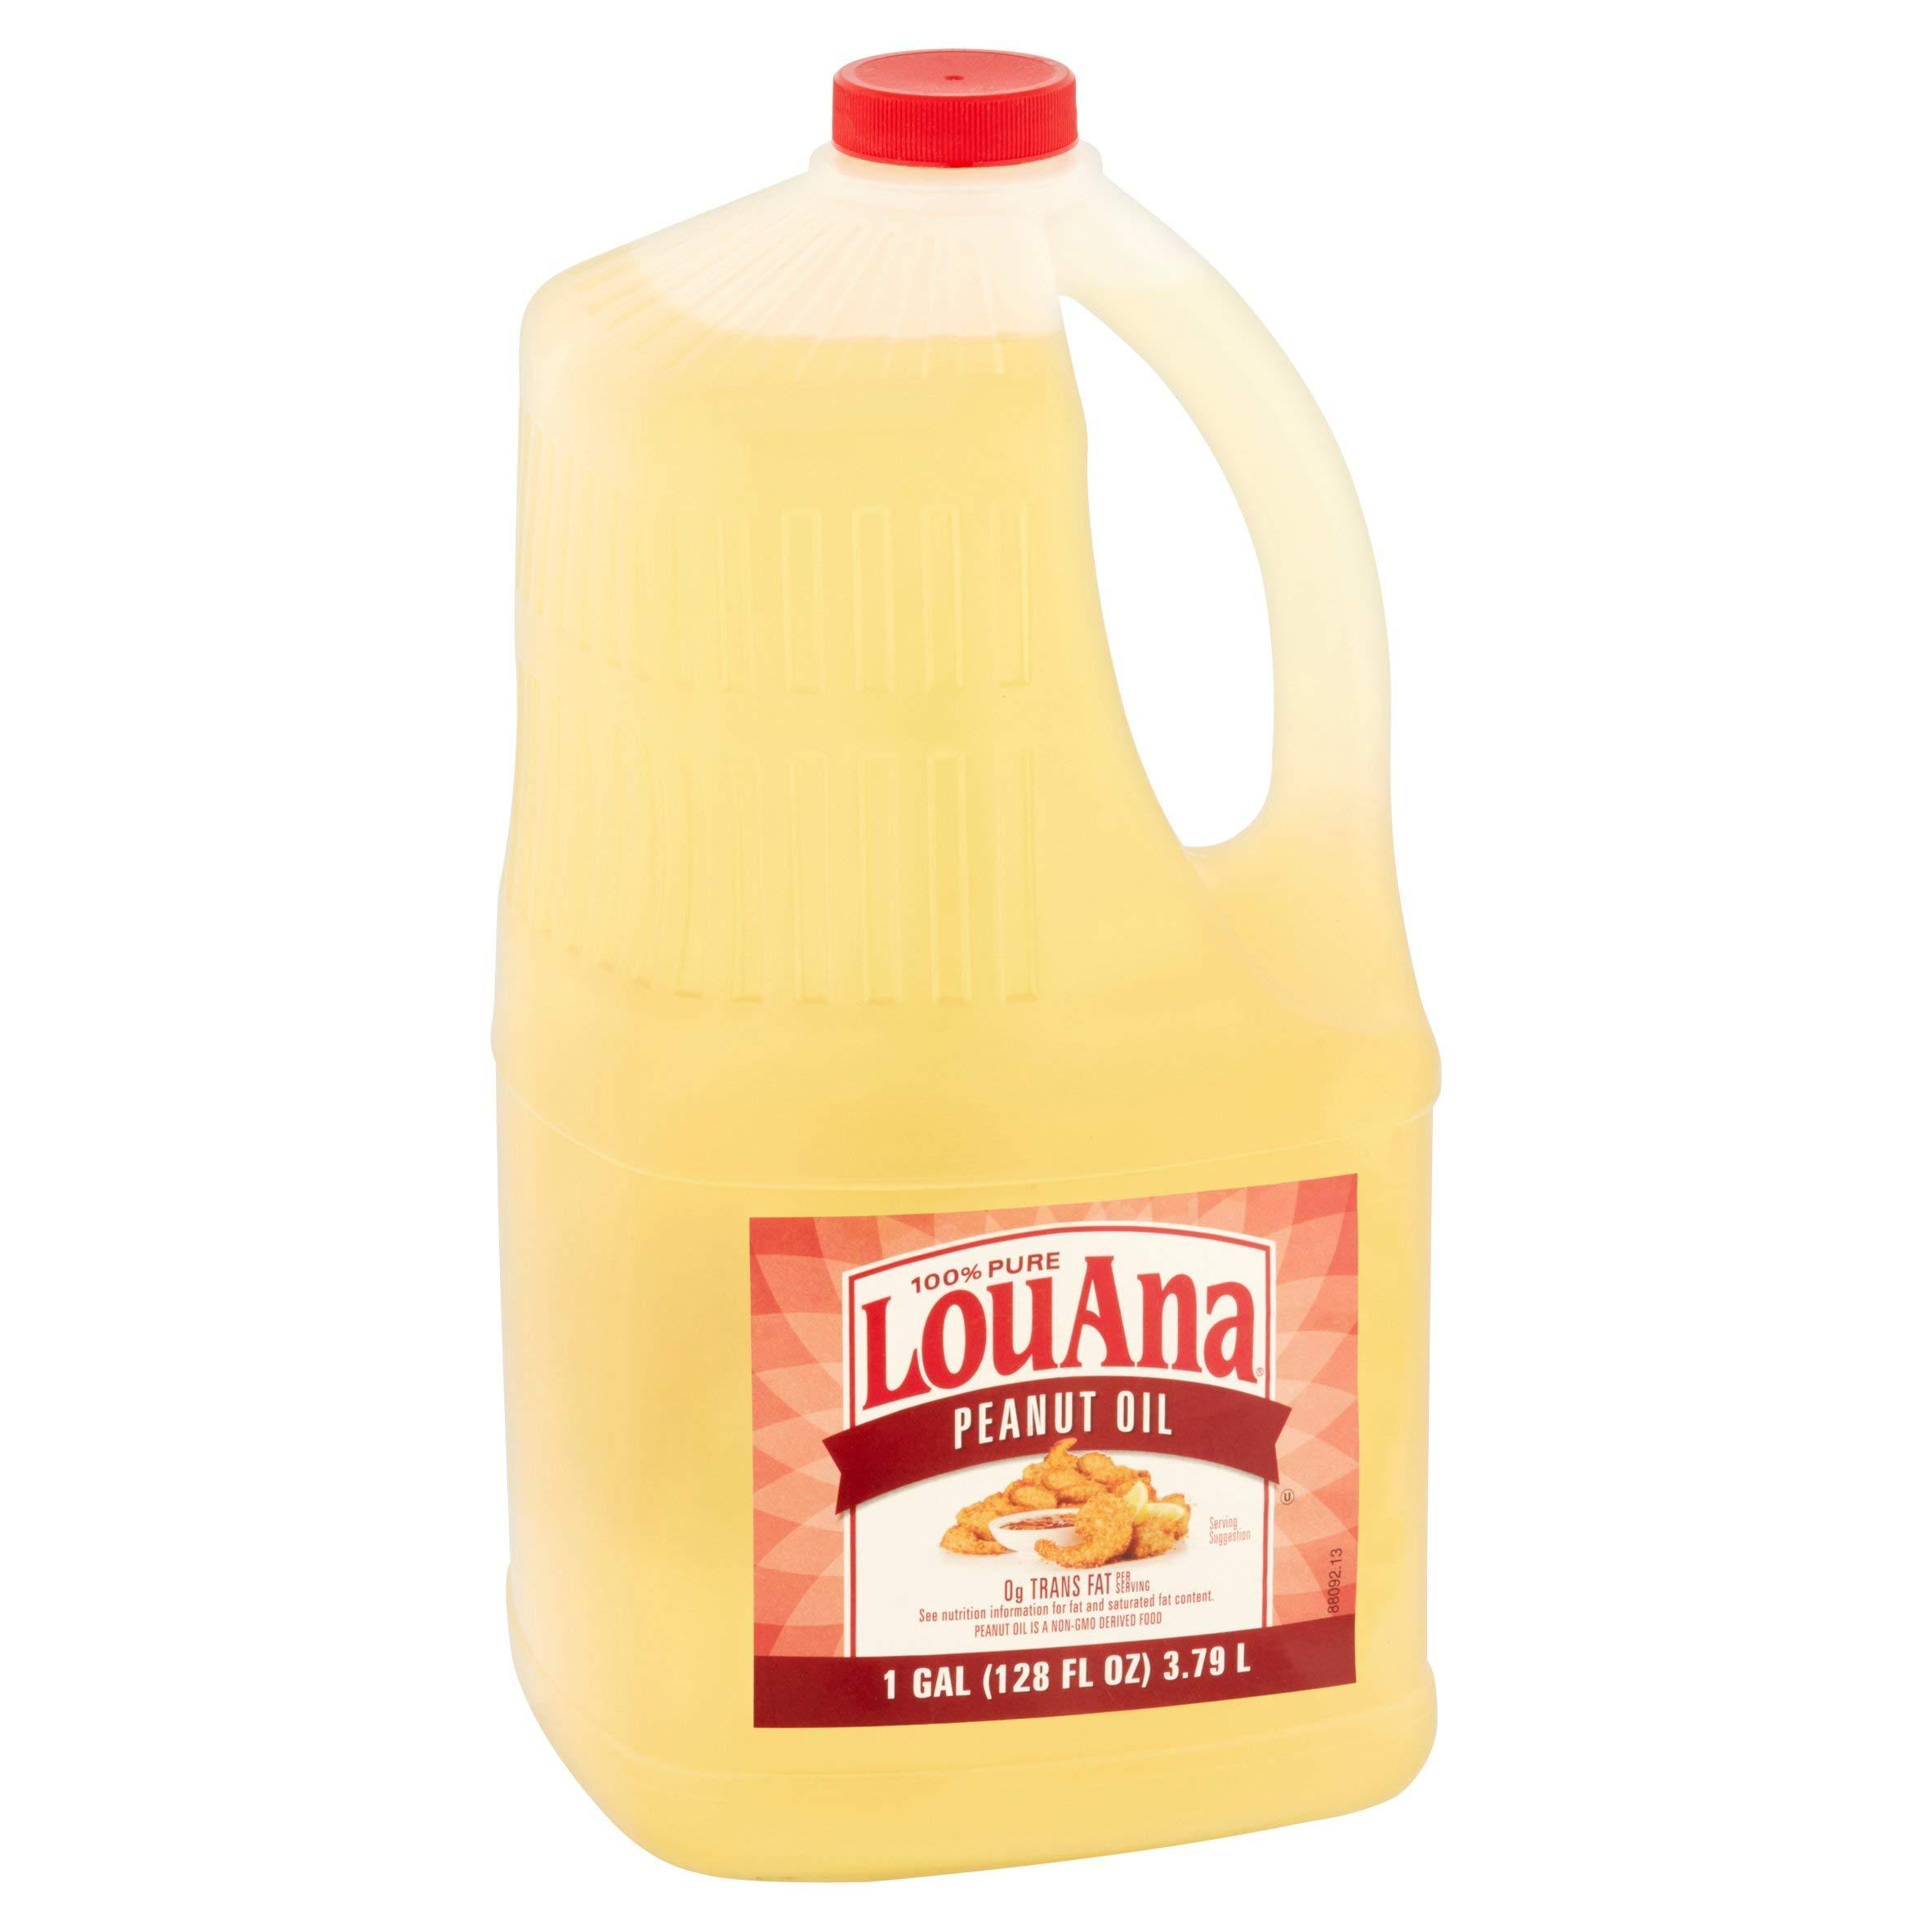 LouAna Peanut Oil, 128.0 FL OZ (Pack of 4) by LouAna (Image #2)